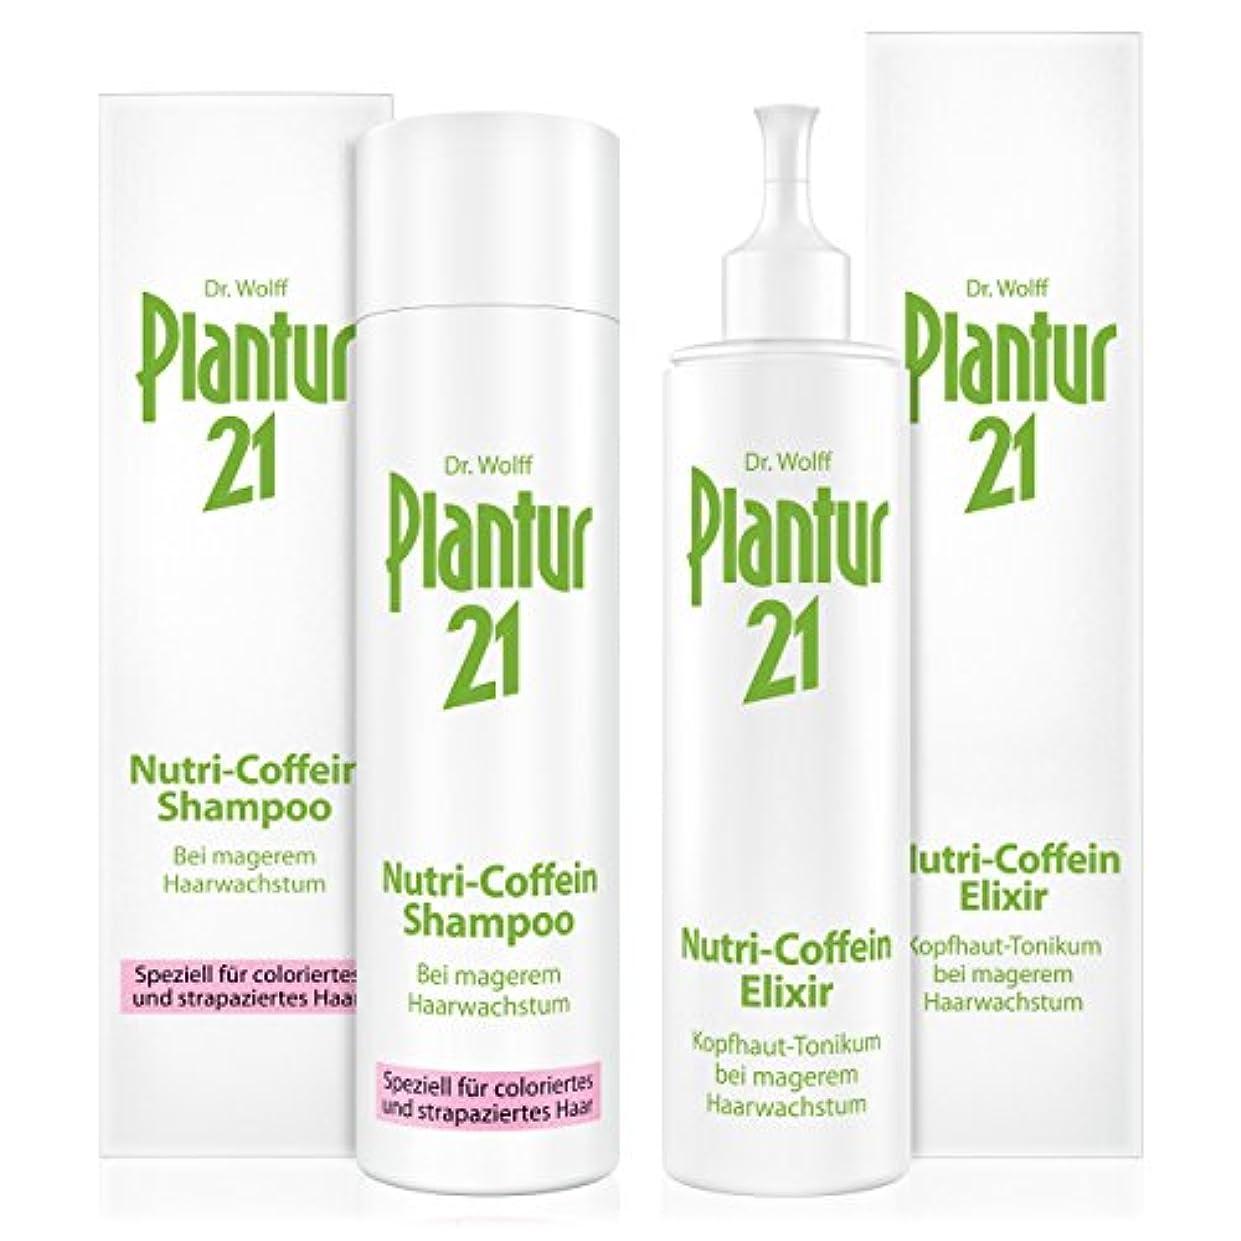 Dr Wolff Plantur 21 Nutri-Caffeine Combo Pack (Plantur 21 Shampoo and Elixir Set)